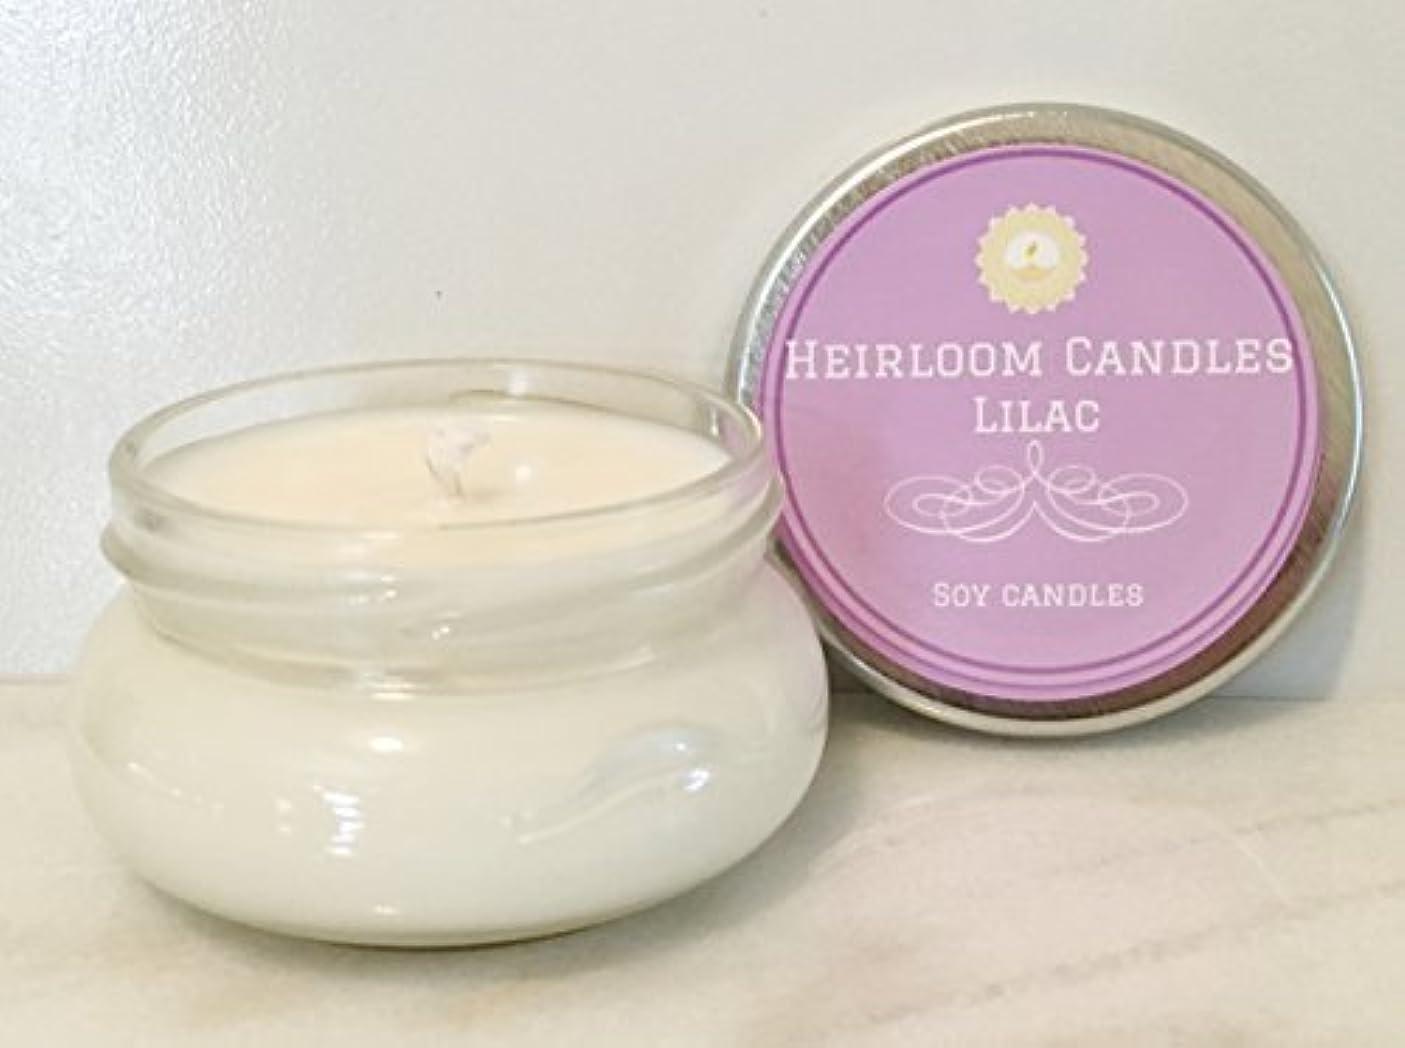 嘆く遮る通り抜けるLilac Scented Soy Floral Candle Glass Tureen 3.3oz [並行輸入品]